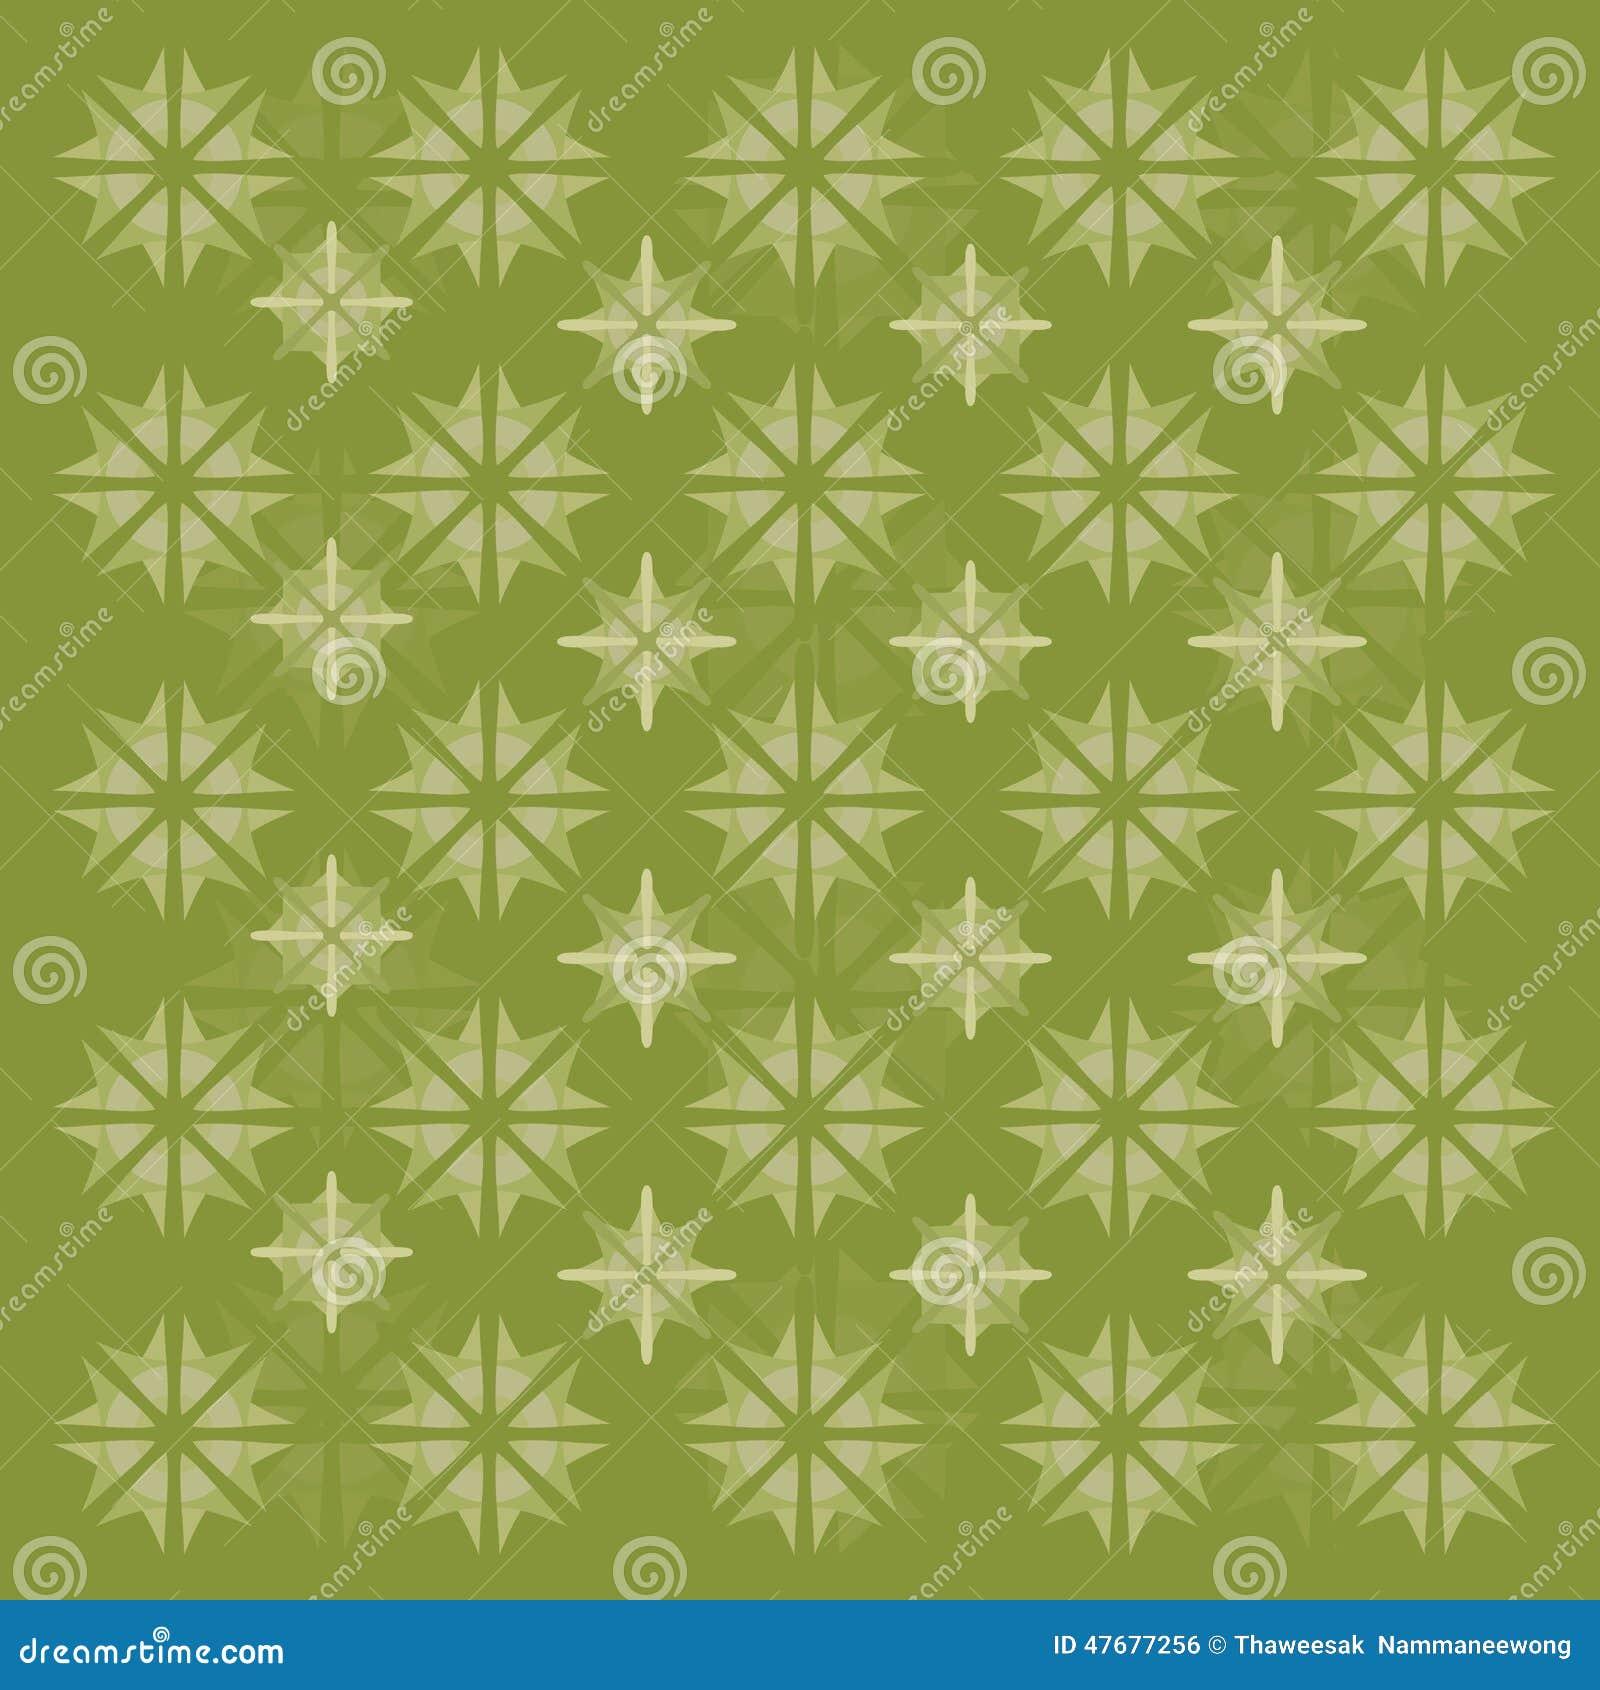 Oosters Behang Als Achtergrond En Textuur Vector Illustratie - Beeld ...: nl.dreamstime.com/stock-illustratie-oosters-behang-als-achtergrond...